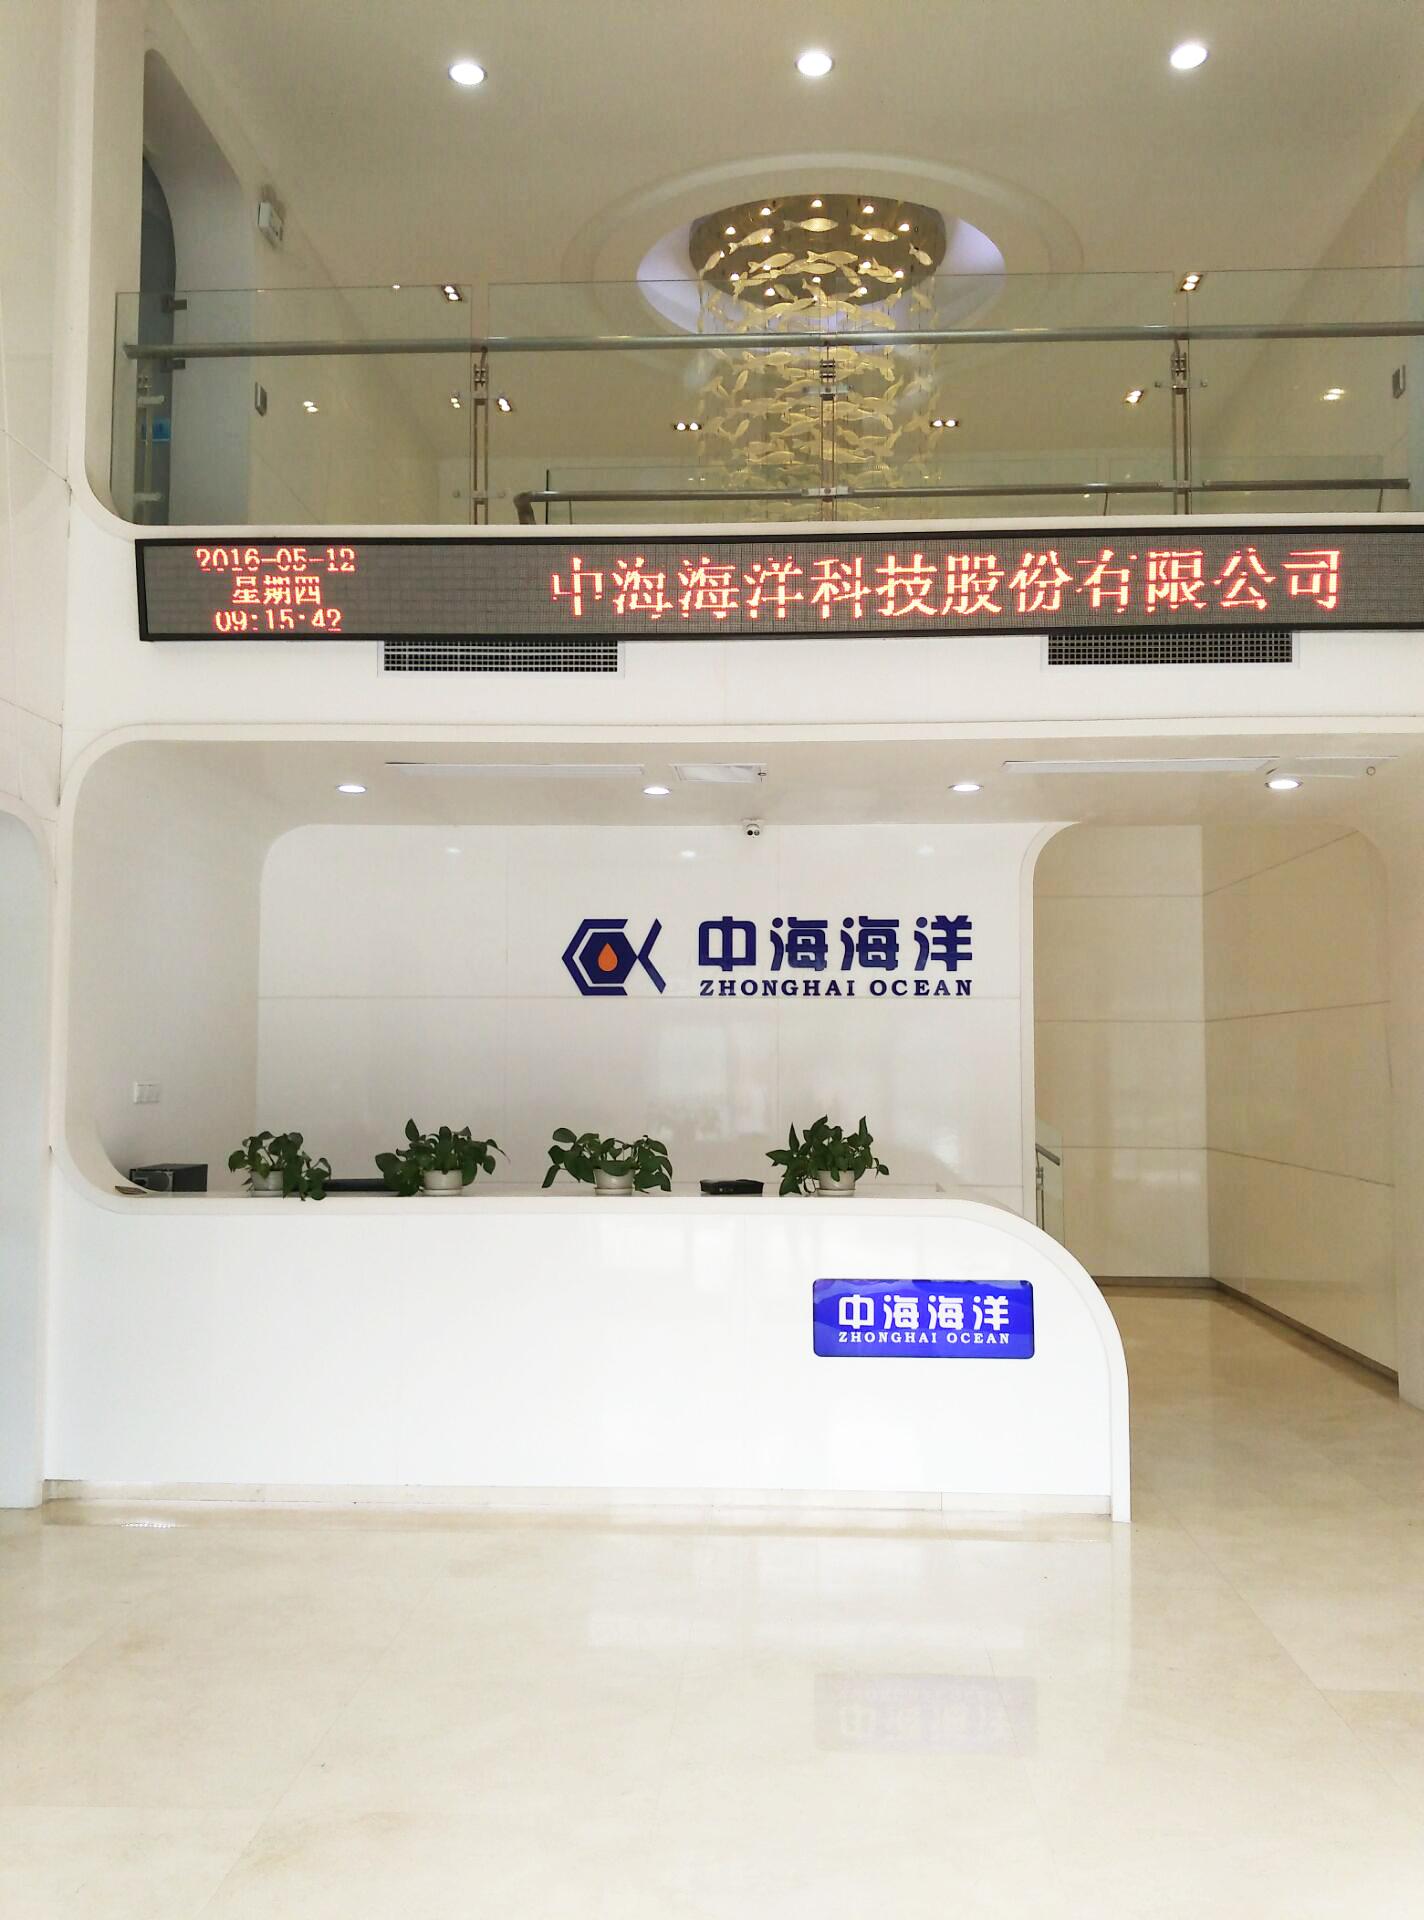 中海海洋科技股份有限公司logo